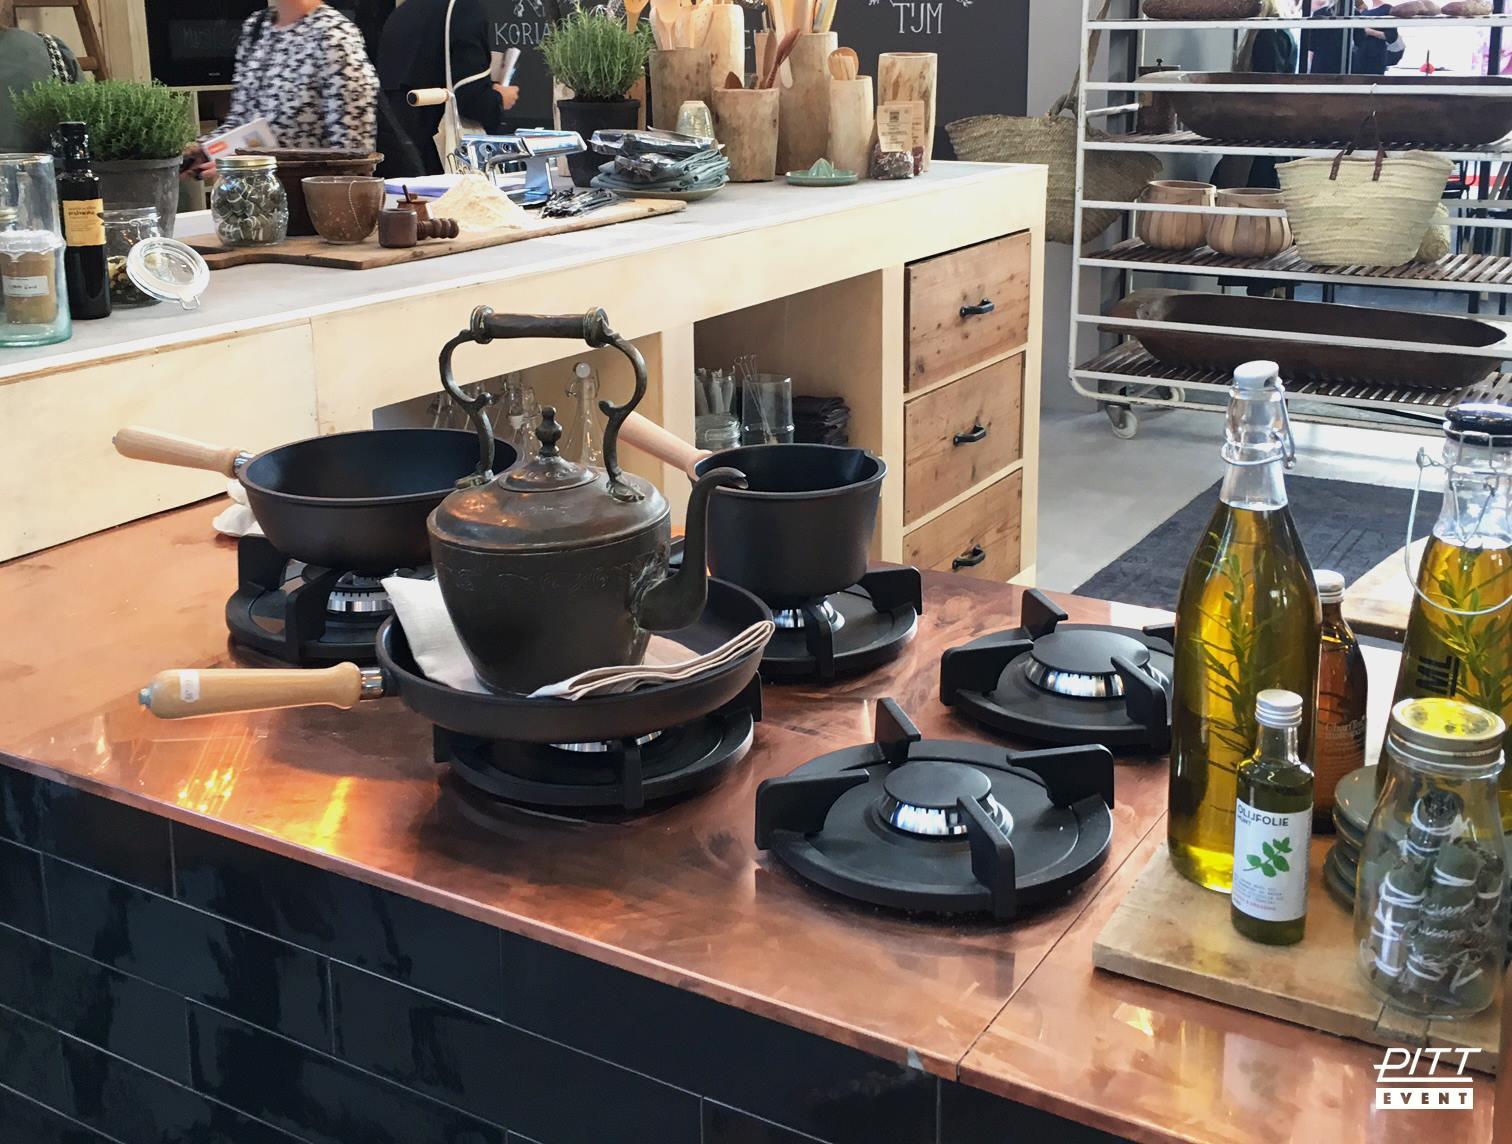 Boerenkeuken met Pitt Cooking gaspitten - vtwonen landelijke stijl